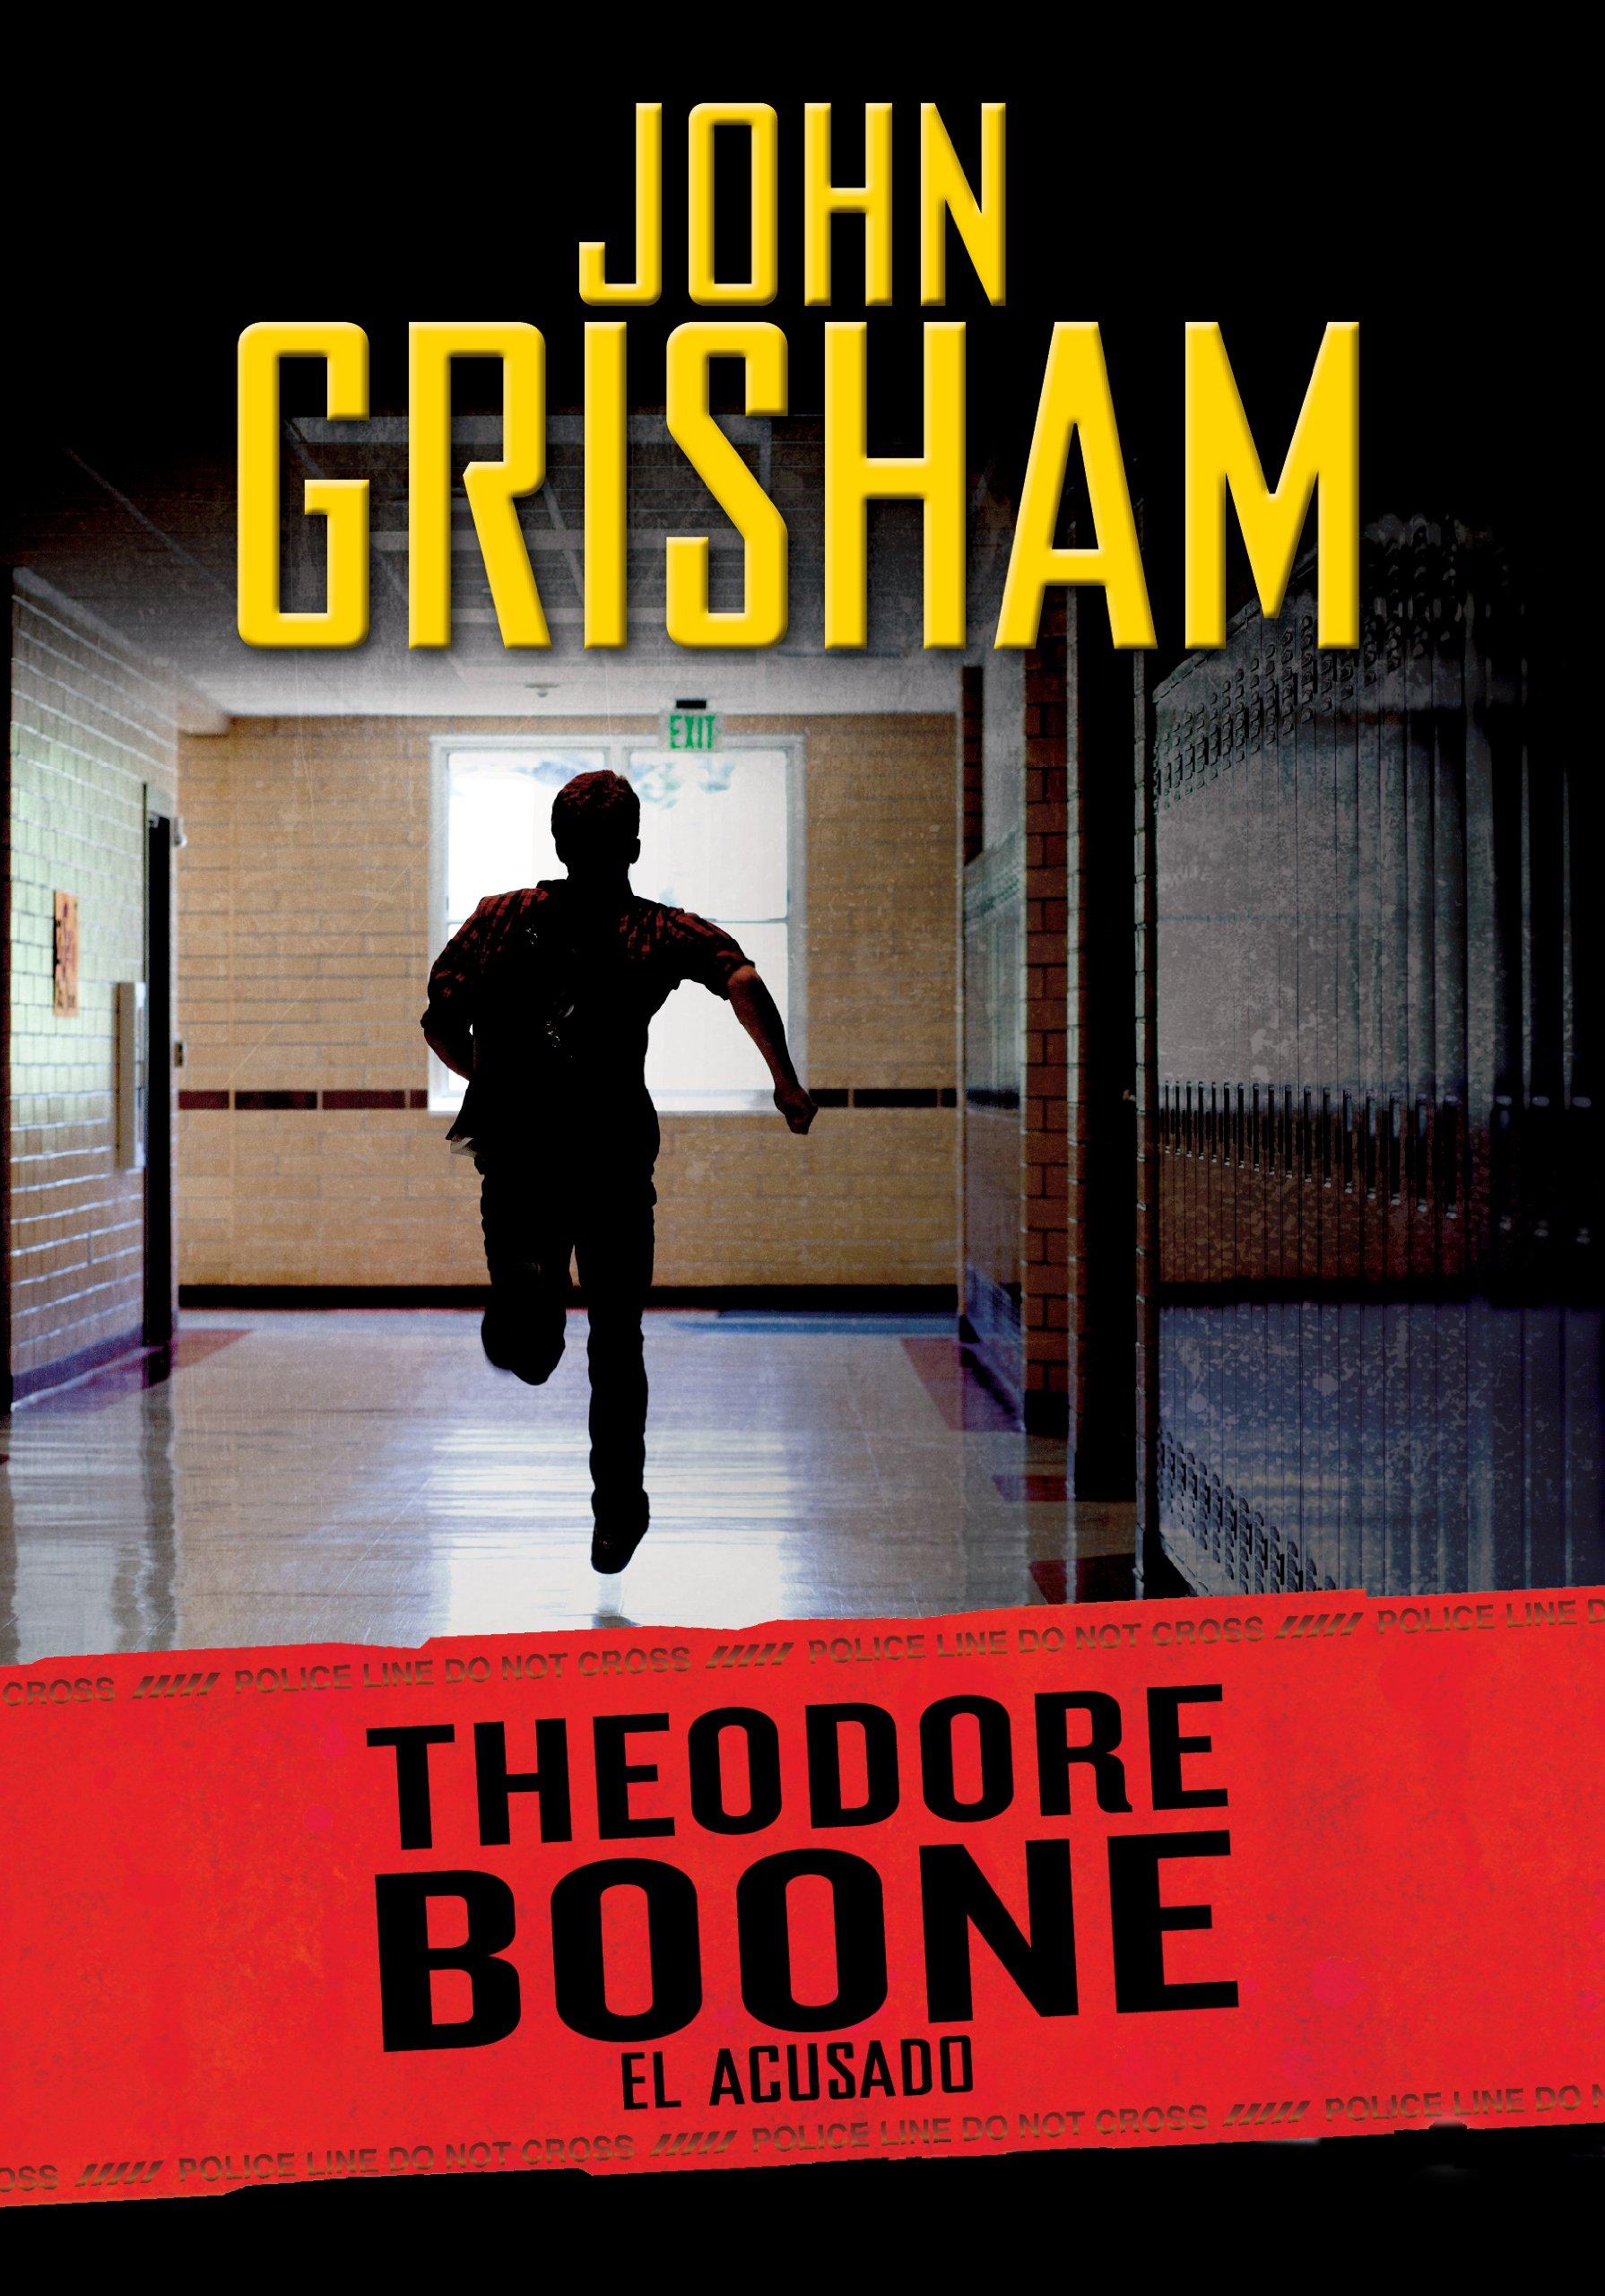 El acusado (Theodore Boone 3) (Spanish Edition)